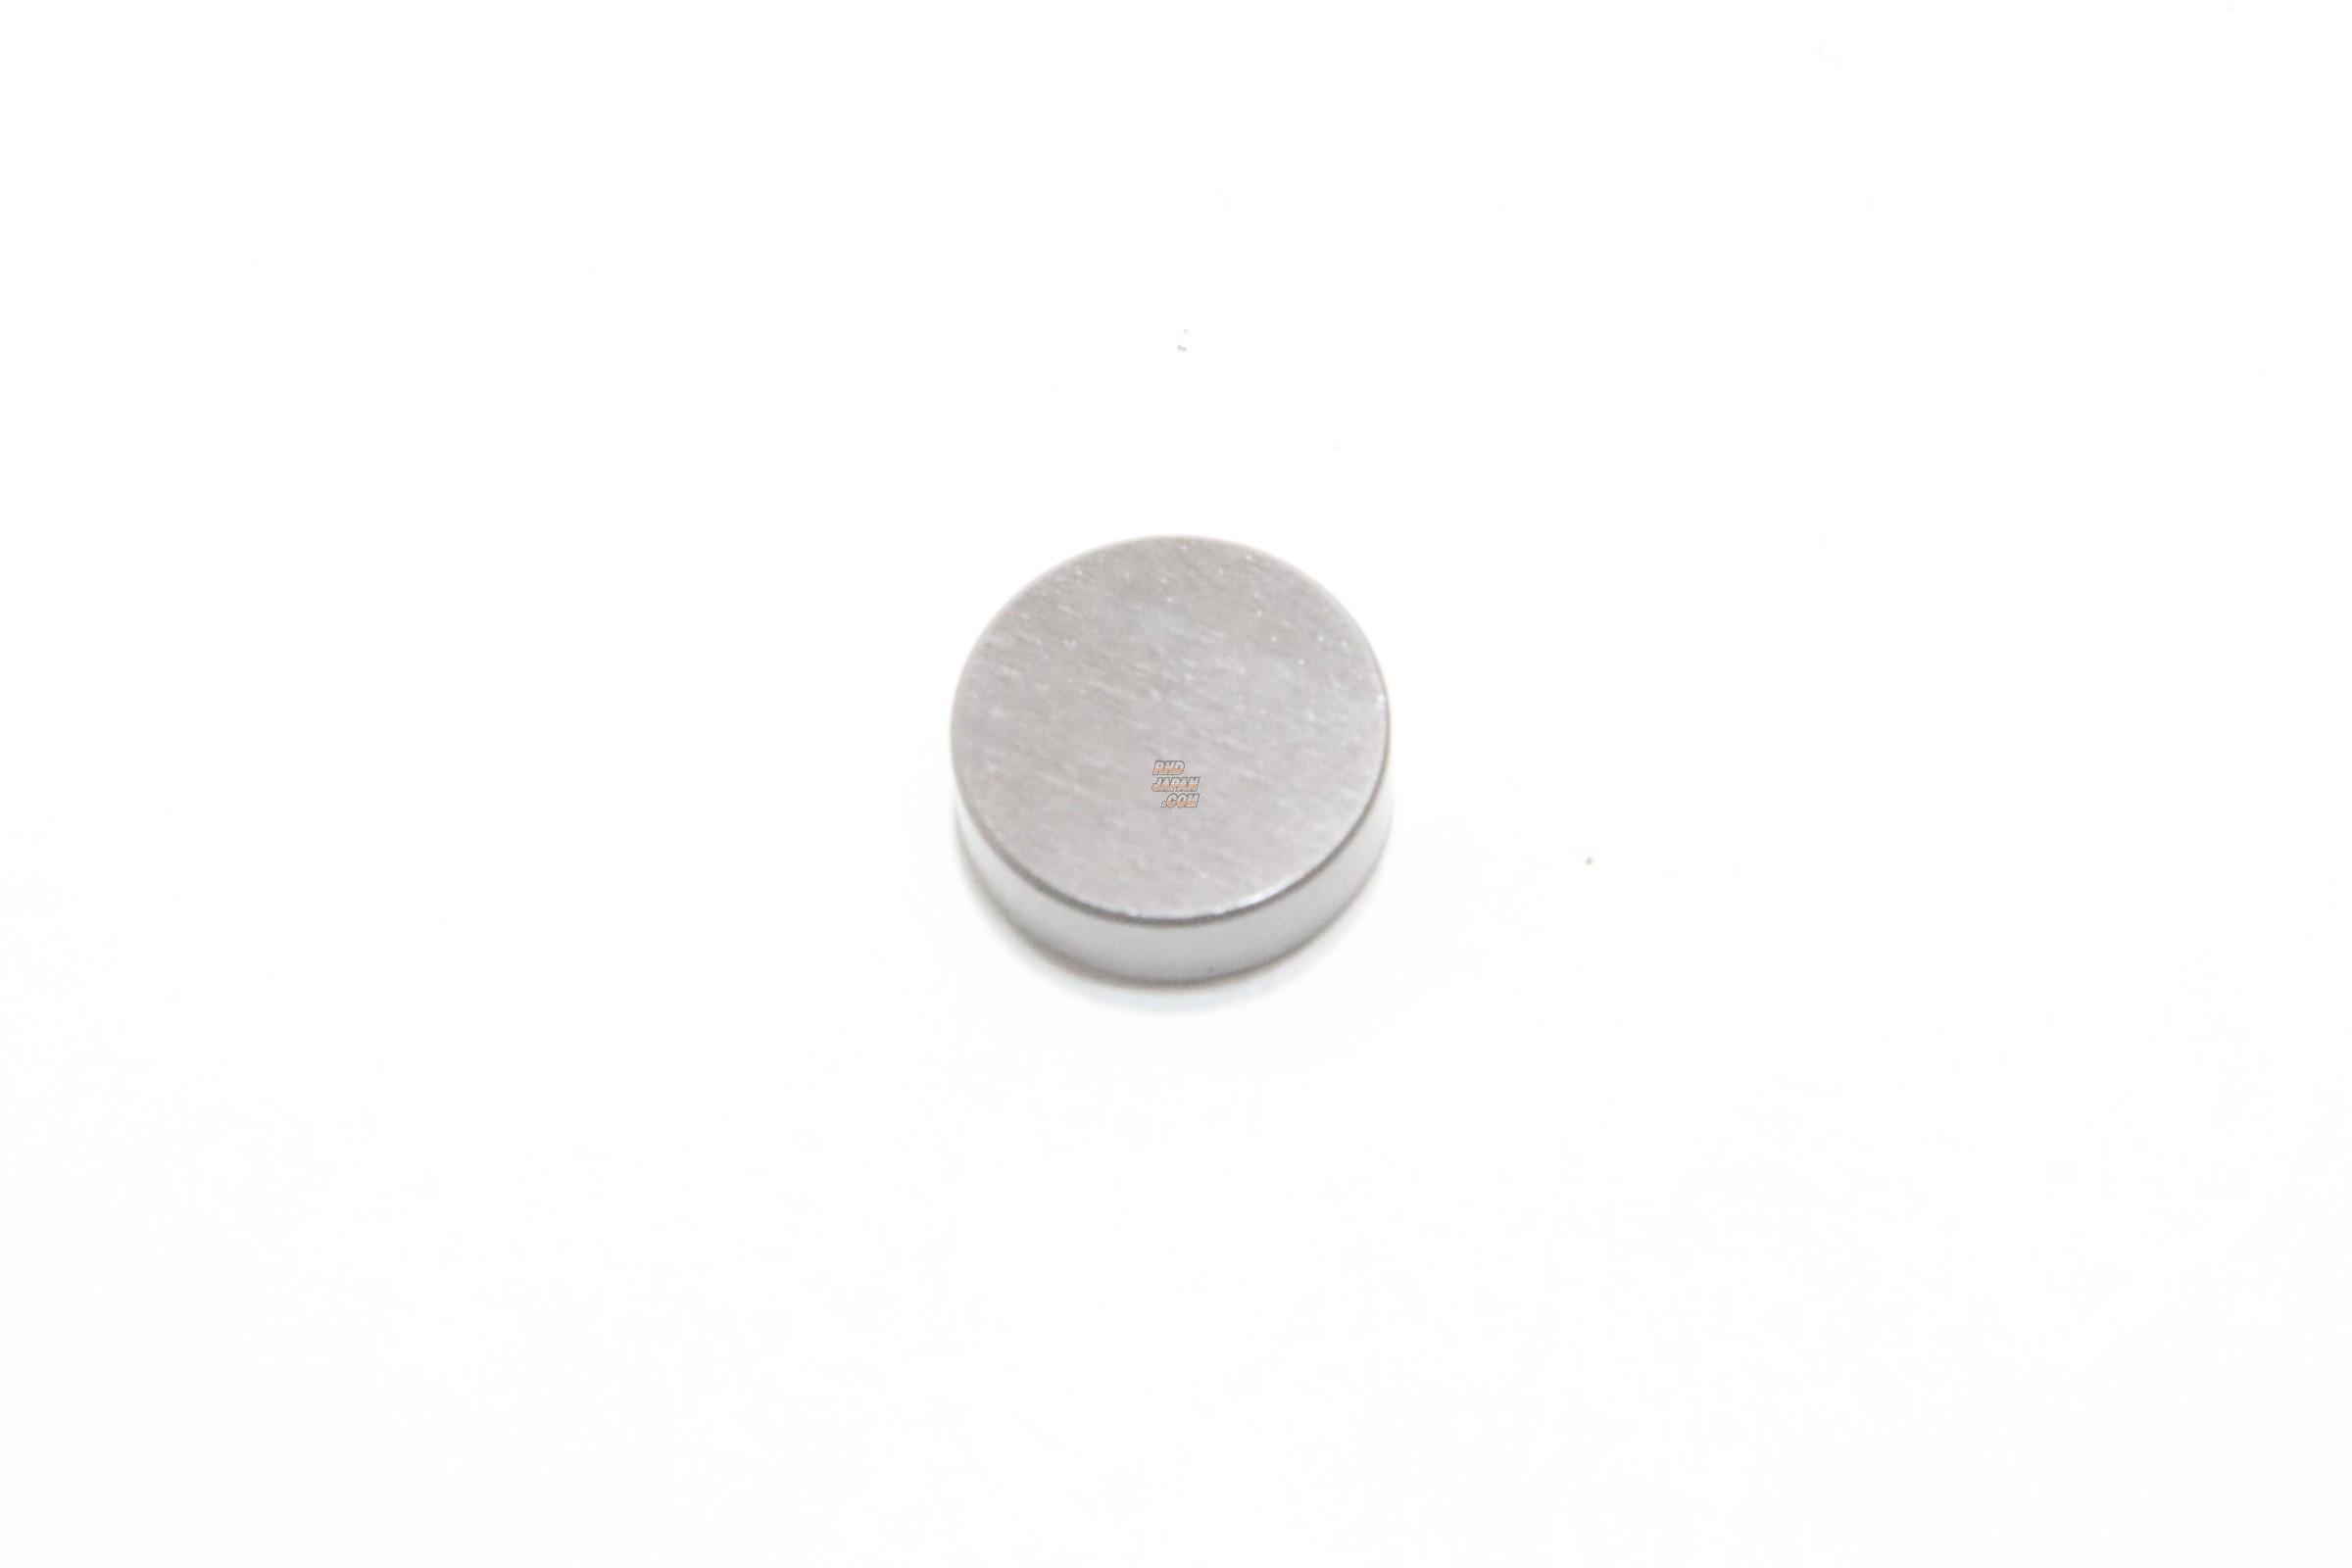 JUN Tappet Shim 4.10mm - RB26DETT